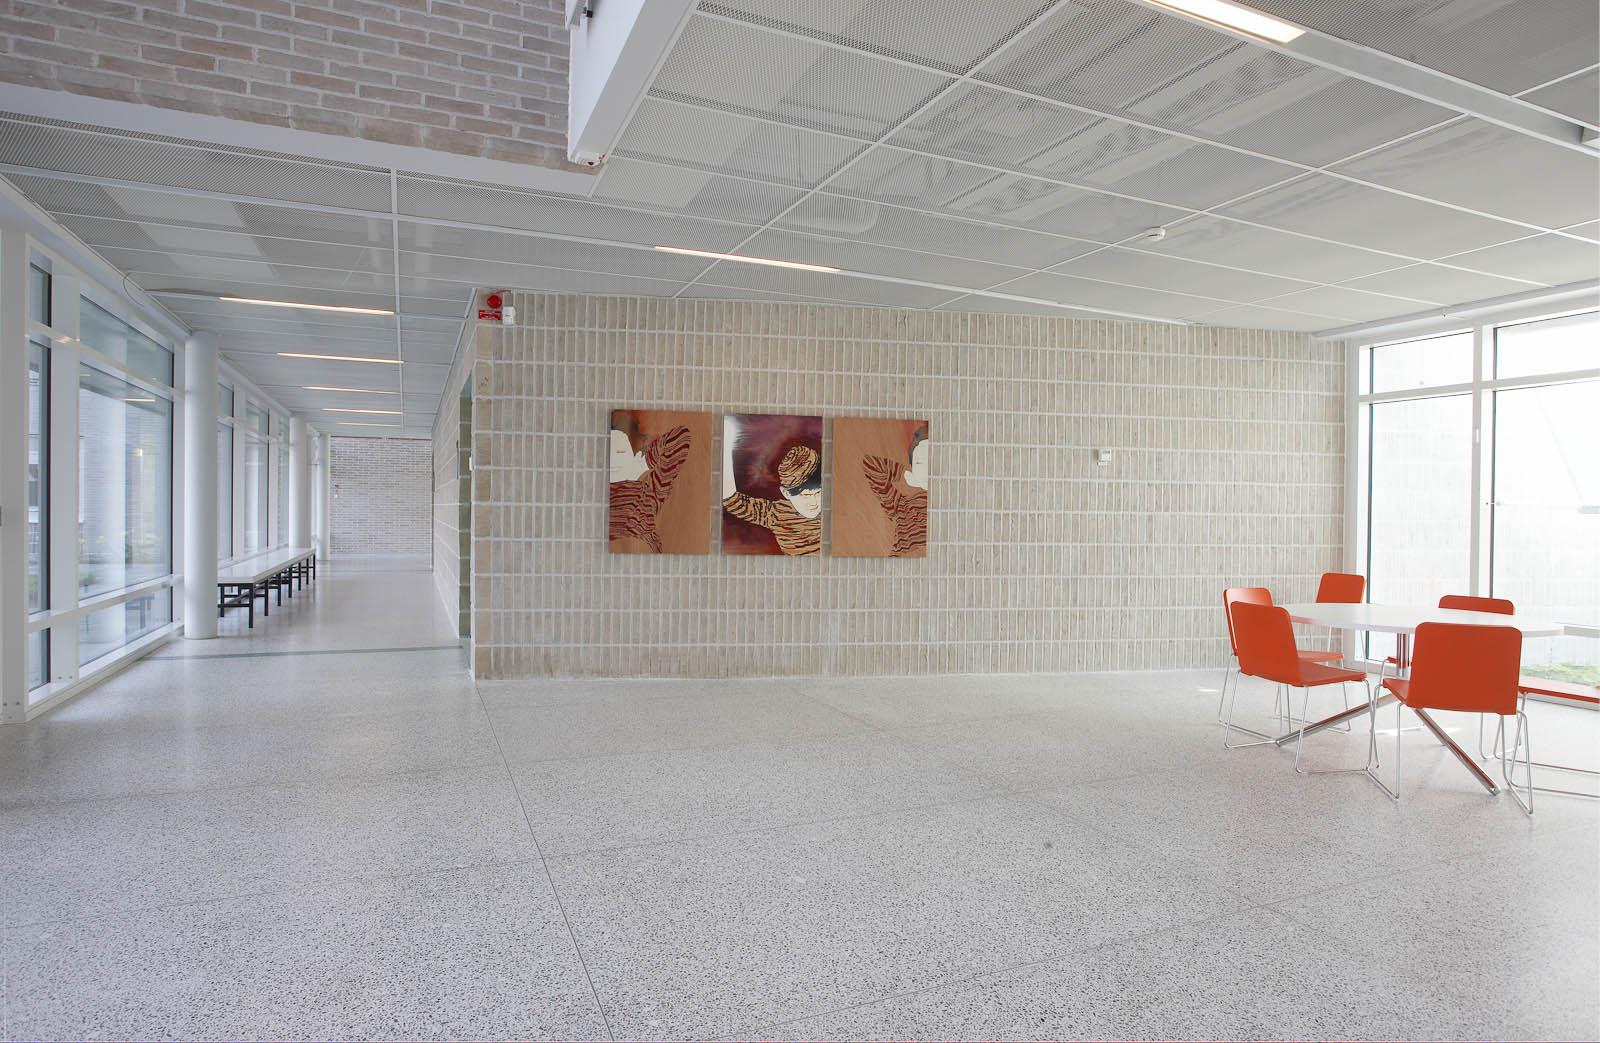 Korridor och en tegelvägg med tre tavlor i bredd av personer i randiga tröjor. Två av dem ler, den tredje har en randig mössa. Robert Lucander, 13 målningar